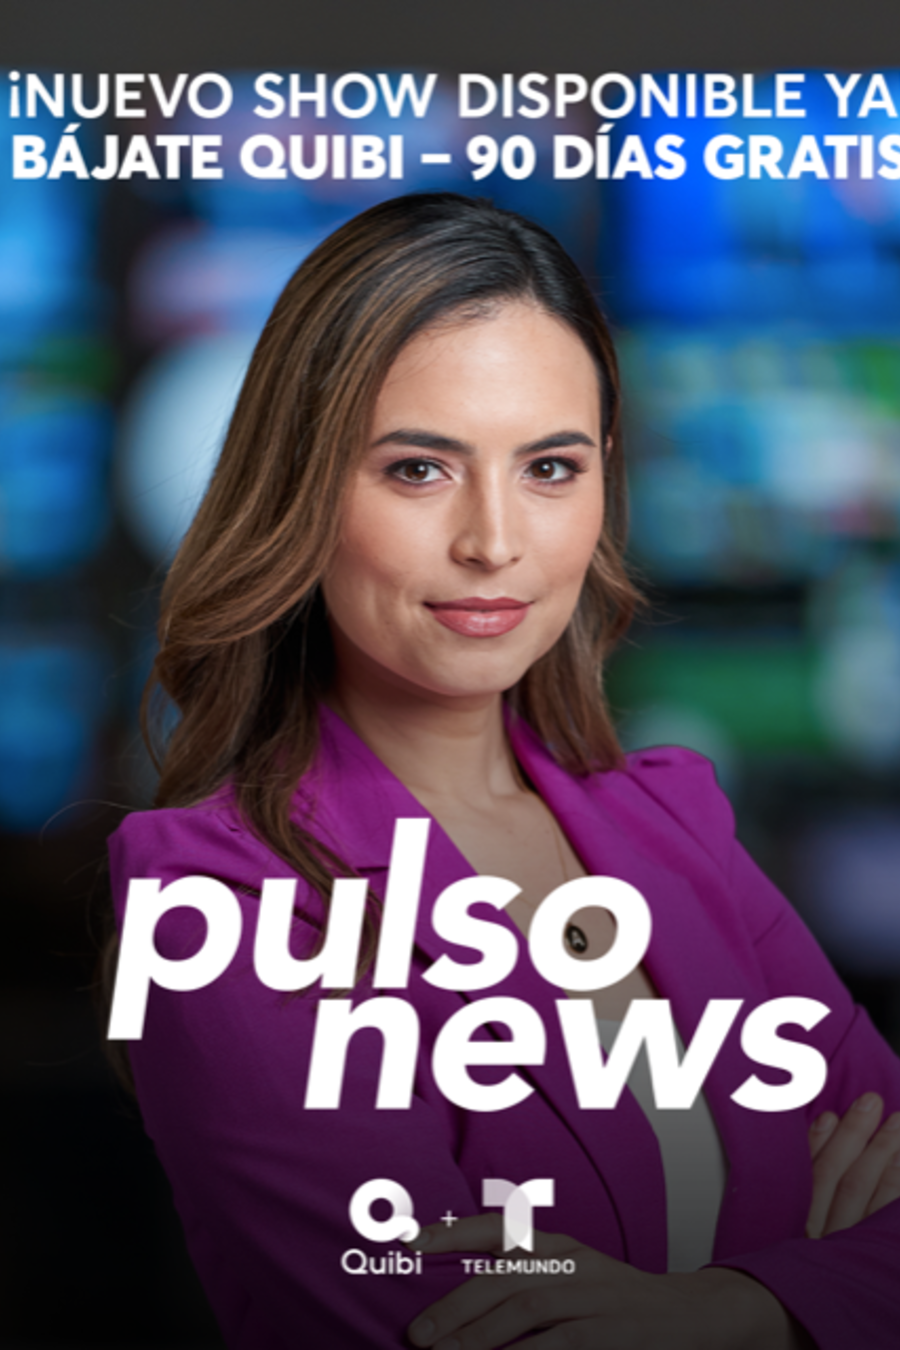 """""""Pulso News"""" apunta al público latino que consume noticias a través de dispositivos móviles como celulares y tabletas."""